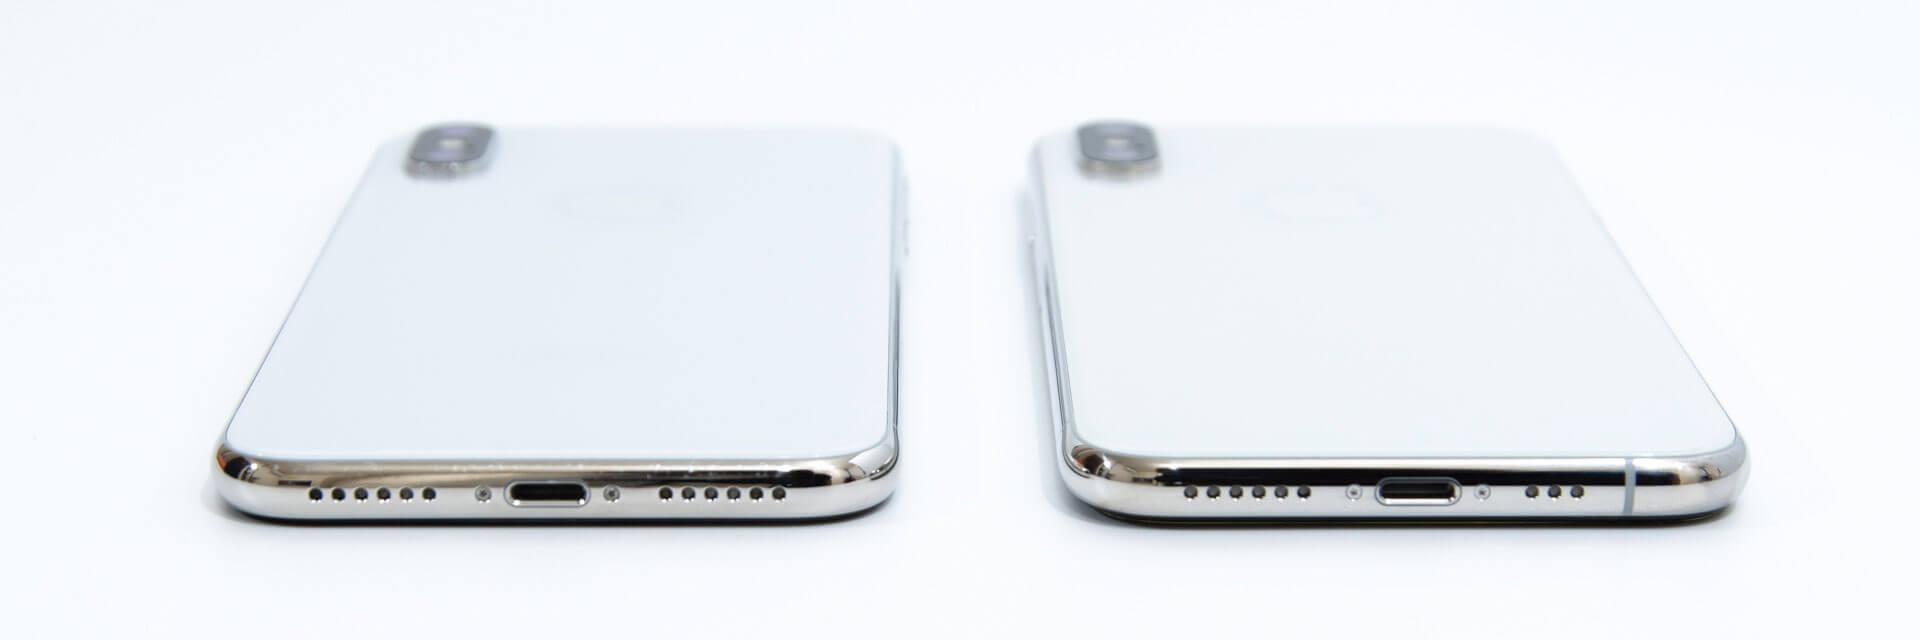 iPhone XS iPhone 外観比較 下部